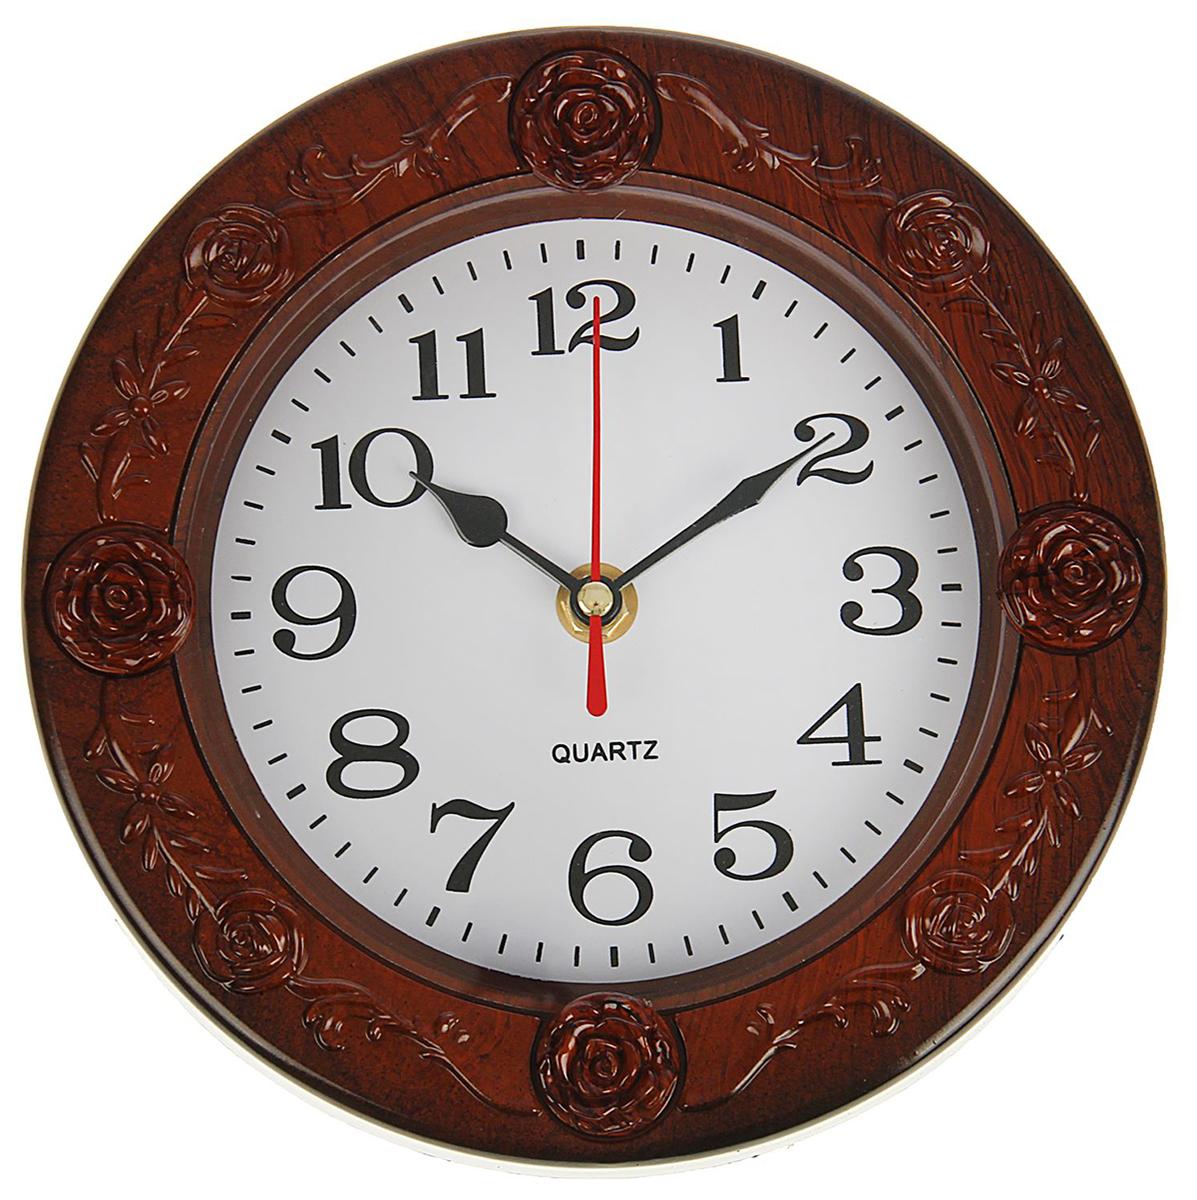 Часы настенные, цвет: коричневый, белый, диаметр 19,5 см1716929Каждому хозяину периодически приходит мысль обновить свою квартиру, сделать ремонт, перестановку или кардинально поменять внешний вид каждой комнаты. — привлекательная деталь, которая поможет воплотить вашу интерьерную идею, создать неповторимую атмосферу в вашем доме. Окружите себя приятными мелочами, пусть они радуют глаз и дарят гармонию.Часы настенные круг, рама вставки розы коричневая, циферблат белый d=19,5 1716929